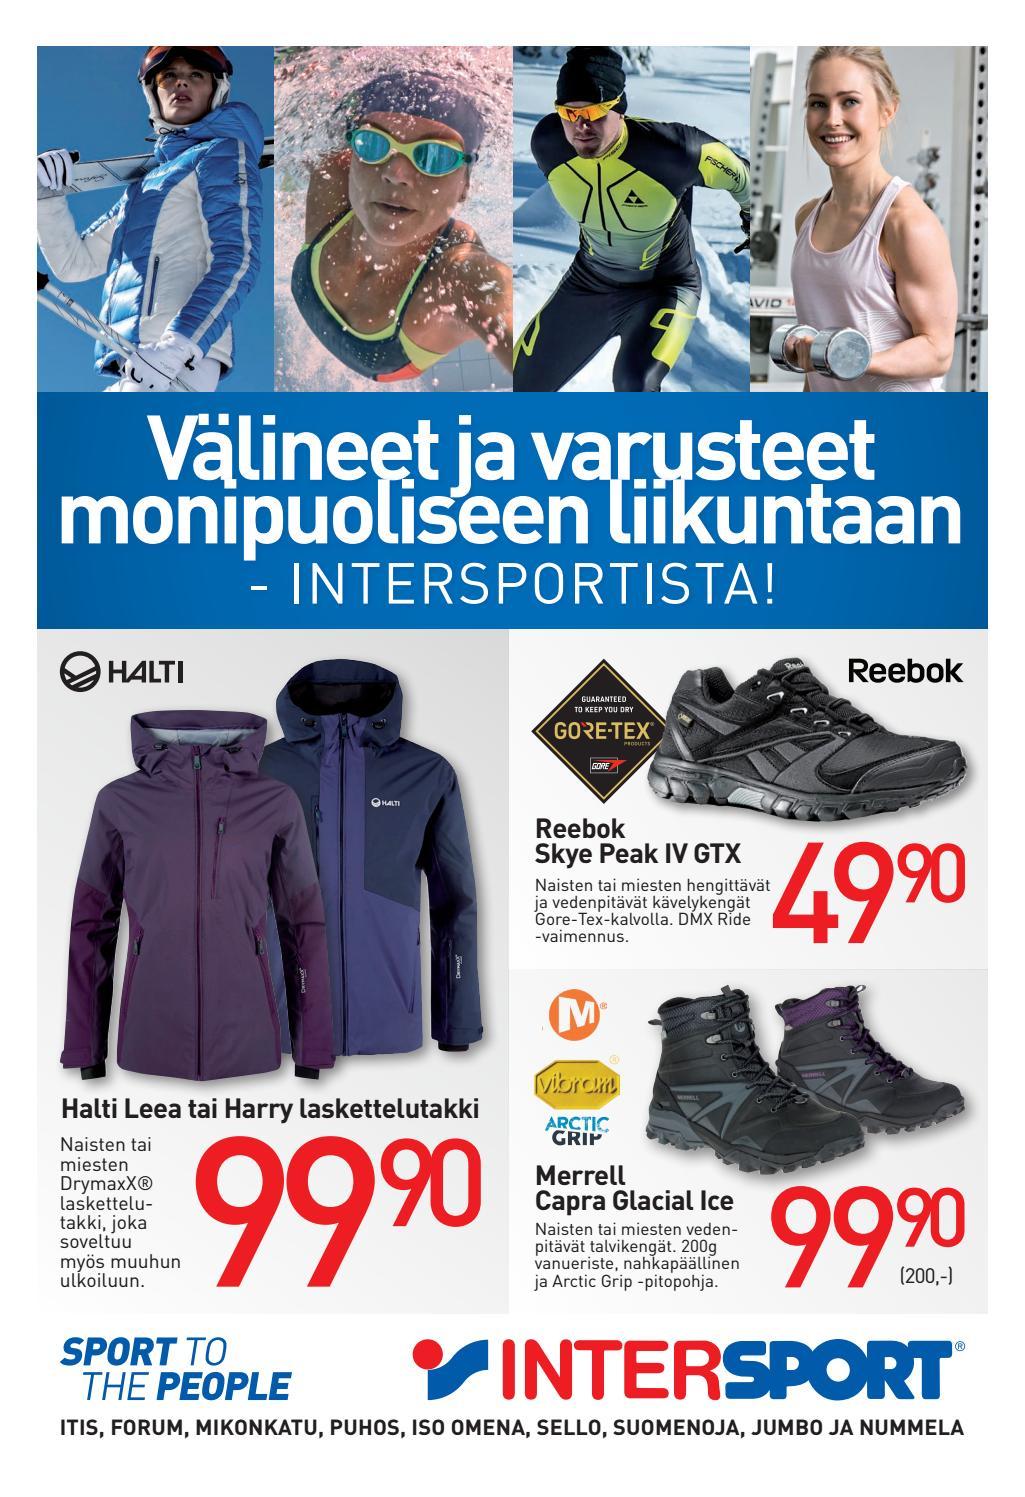 Pääkaupunkiseudun Intersportien tarjouksia monipuoliseen liikuntaan! by  Intersport Finland - issuu c0990019ee